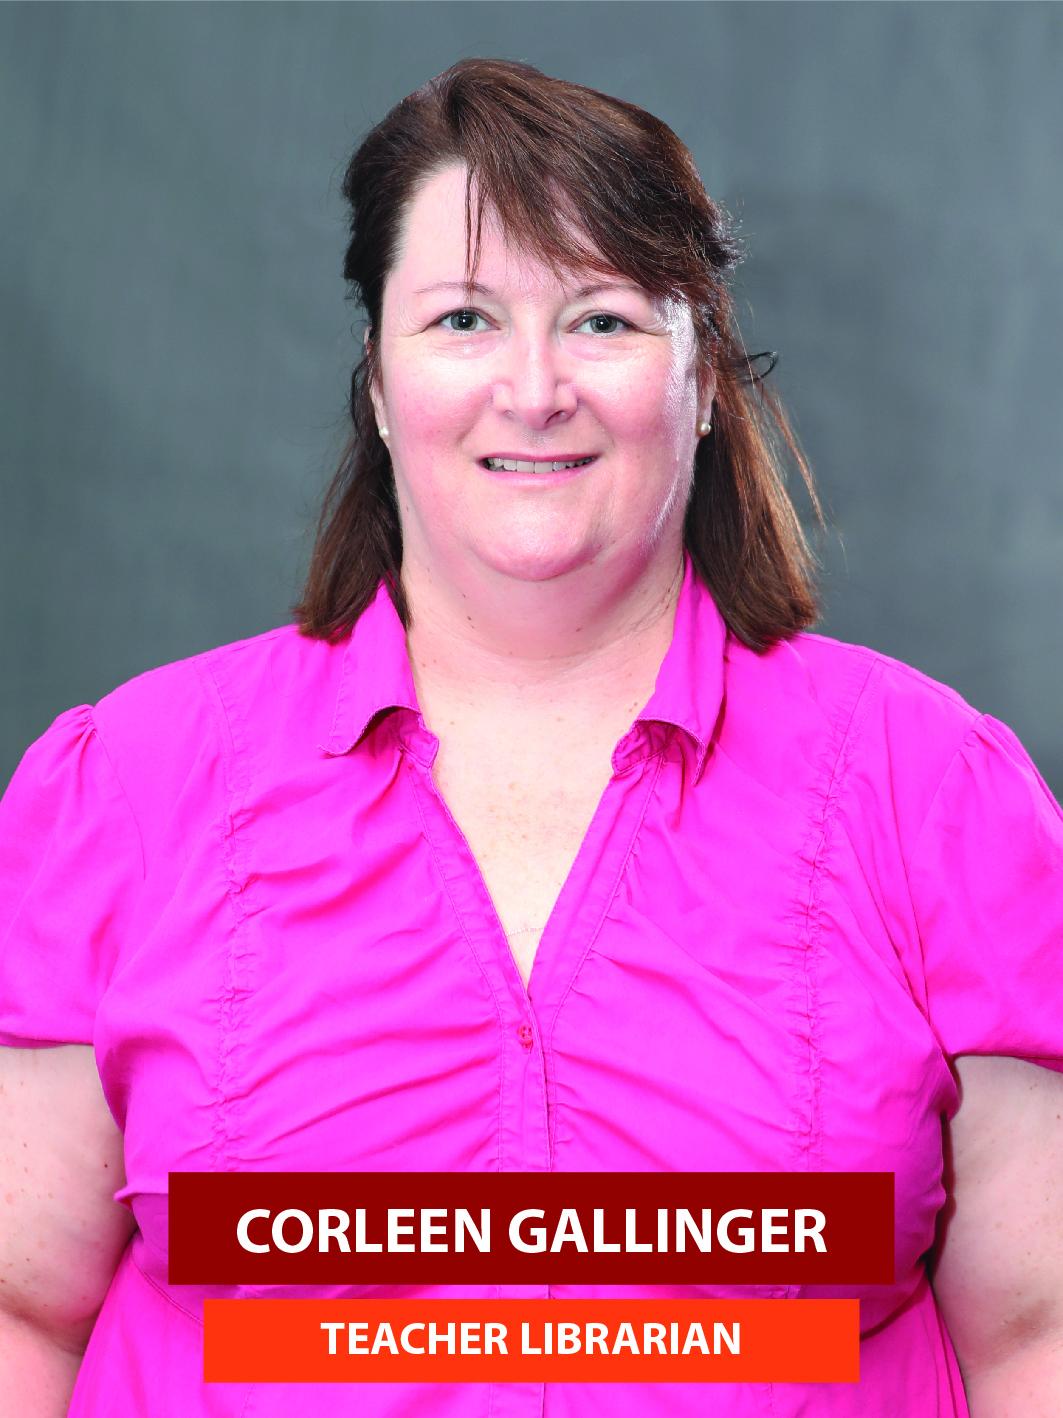 CORLEEN GALLINGER